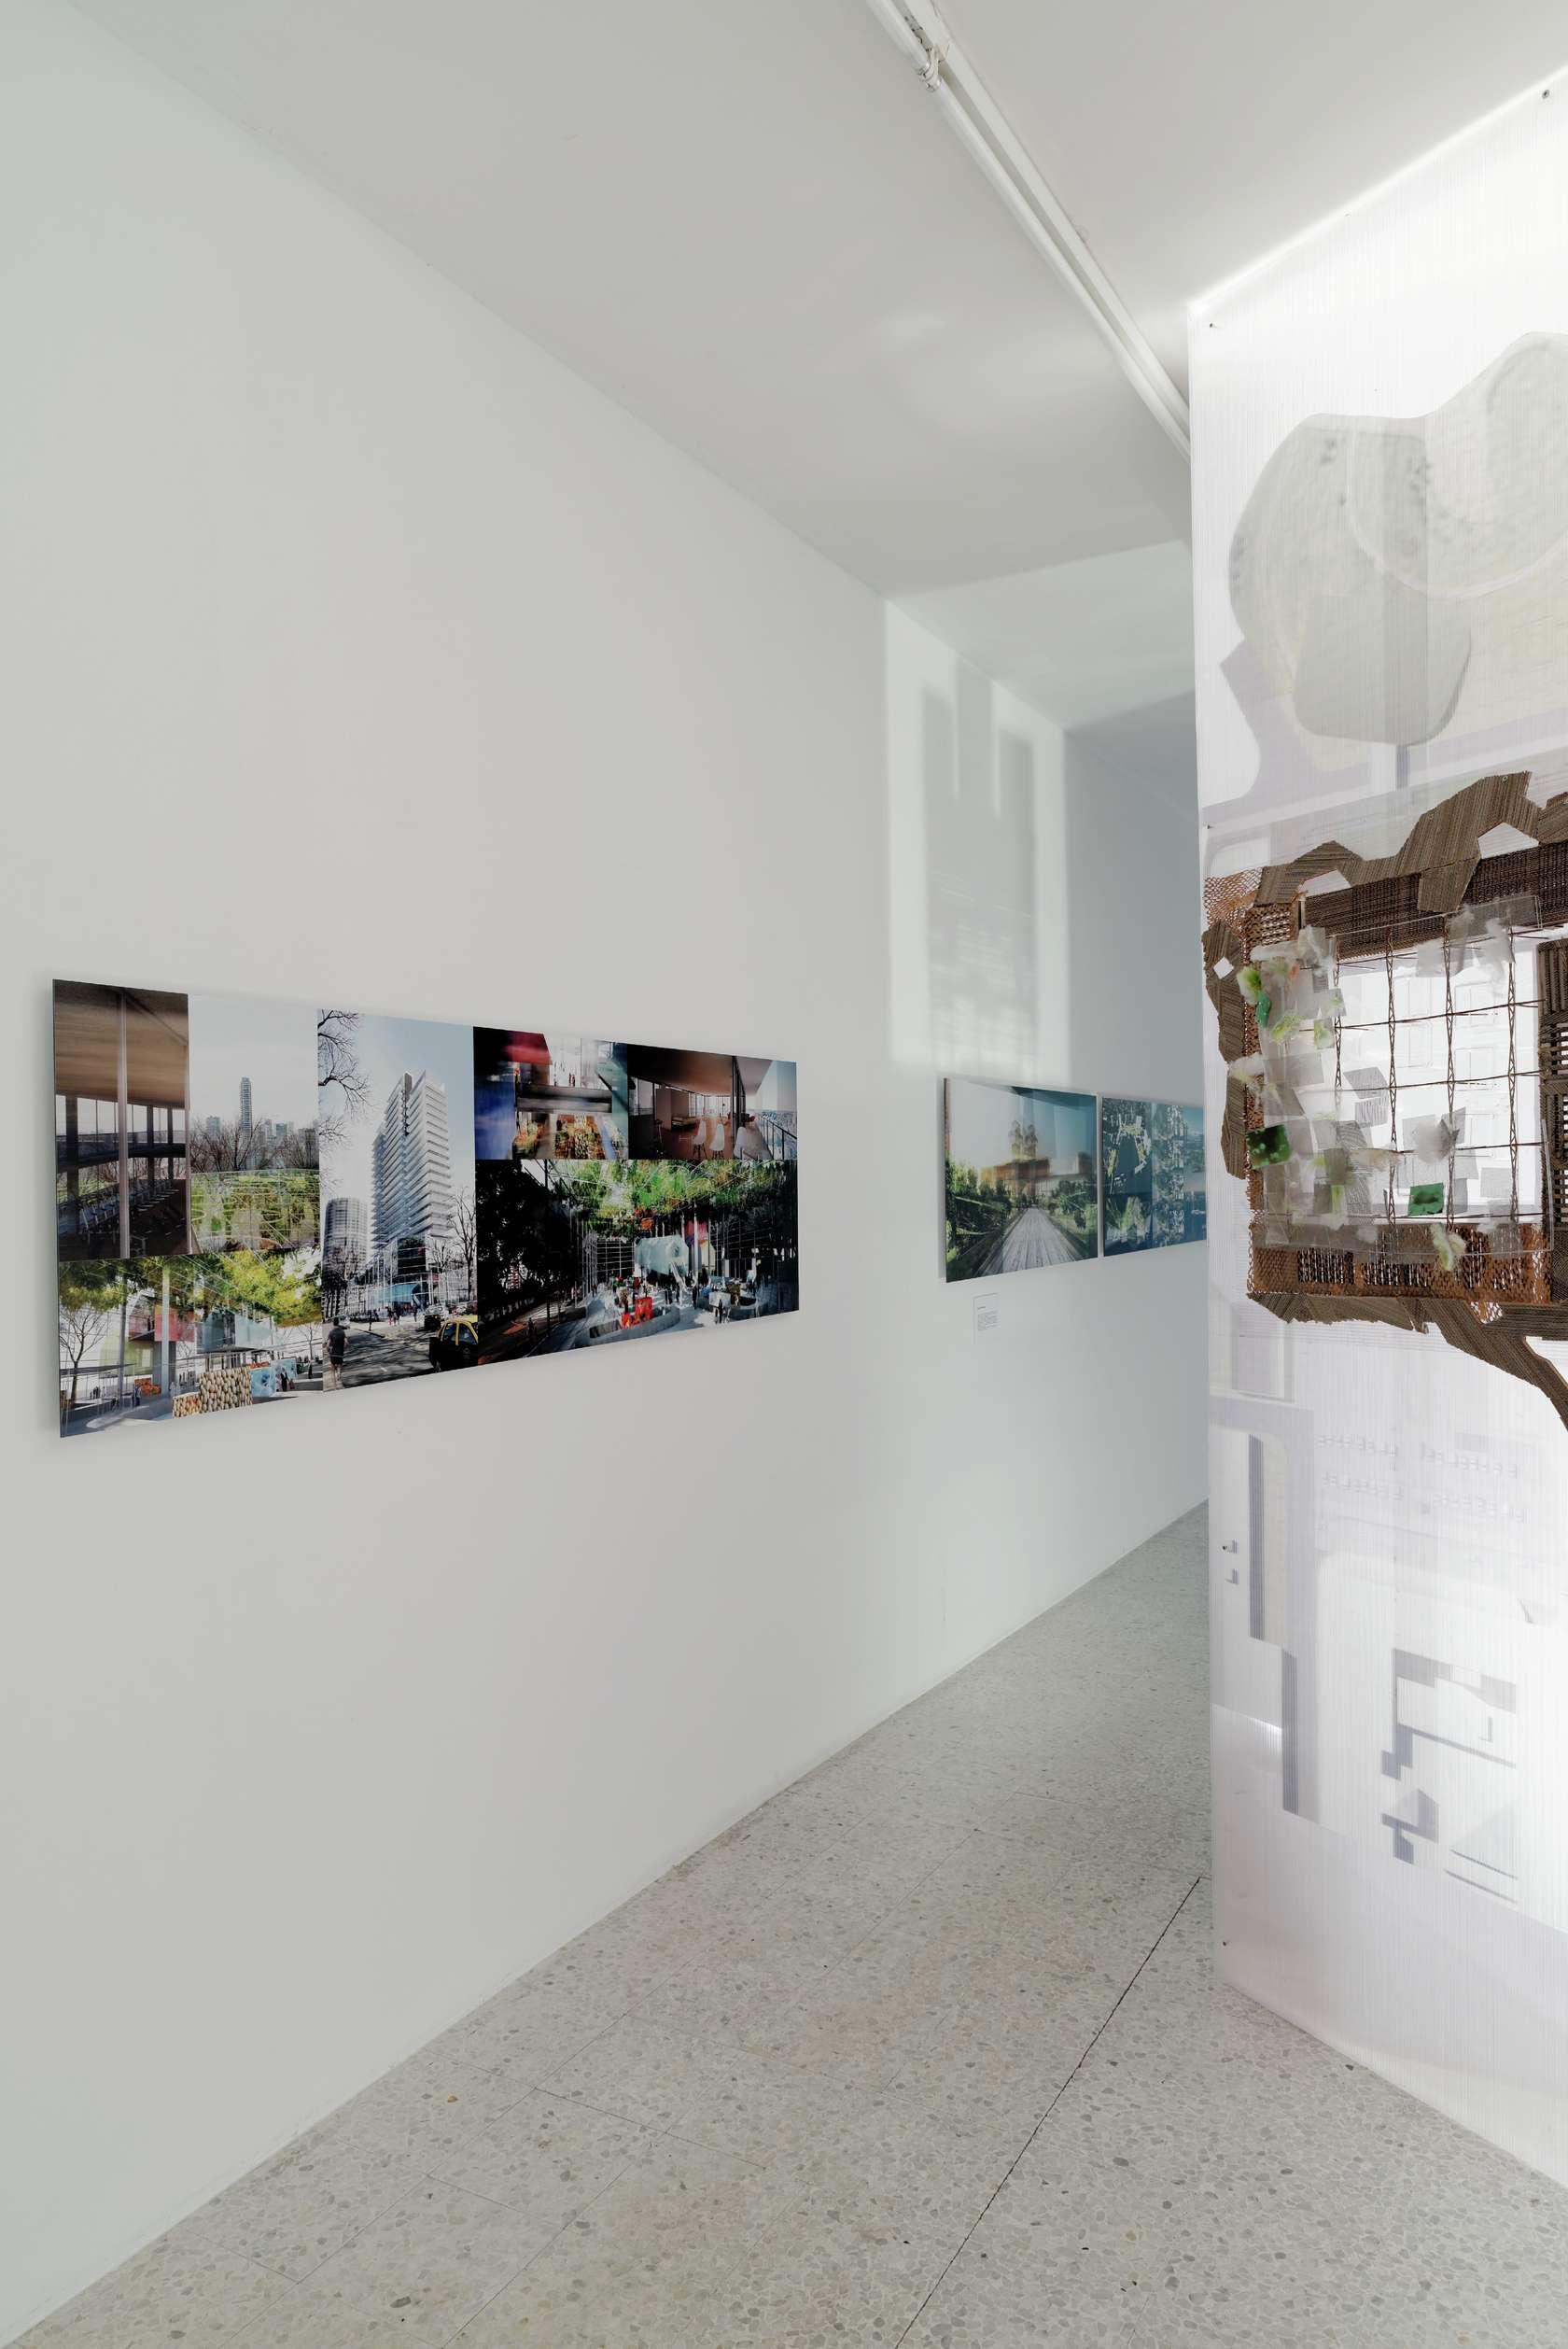 Sébastien Rinckel - Arnoldo Rivkin - Rémi Rouyer , À la maison comme à la ville, Projets intempestifs pour un paysage à venir 5 — 26 juillet 2014